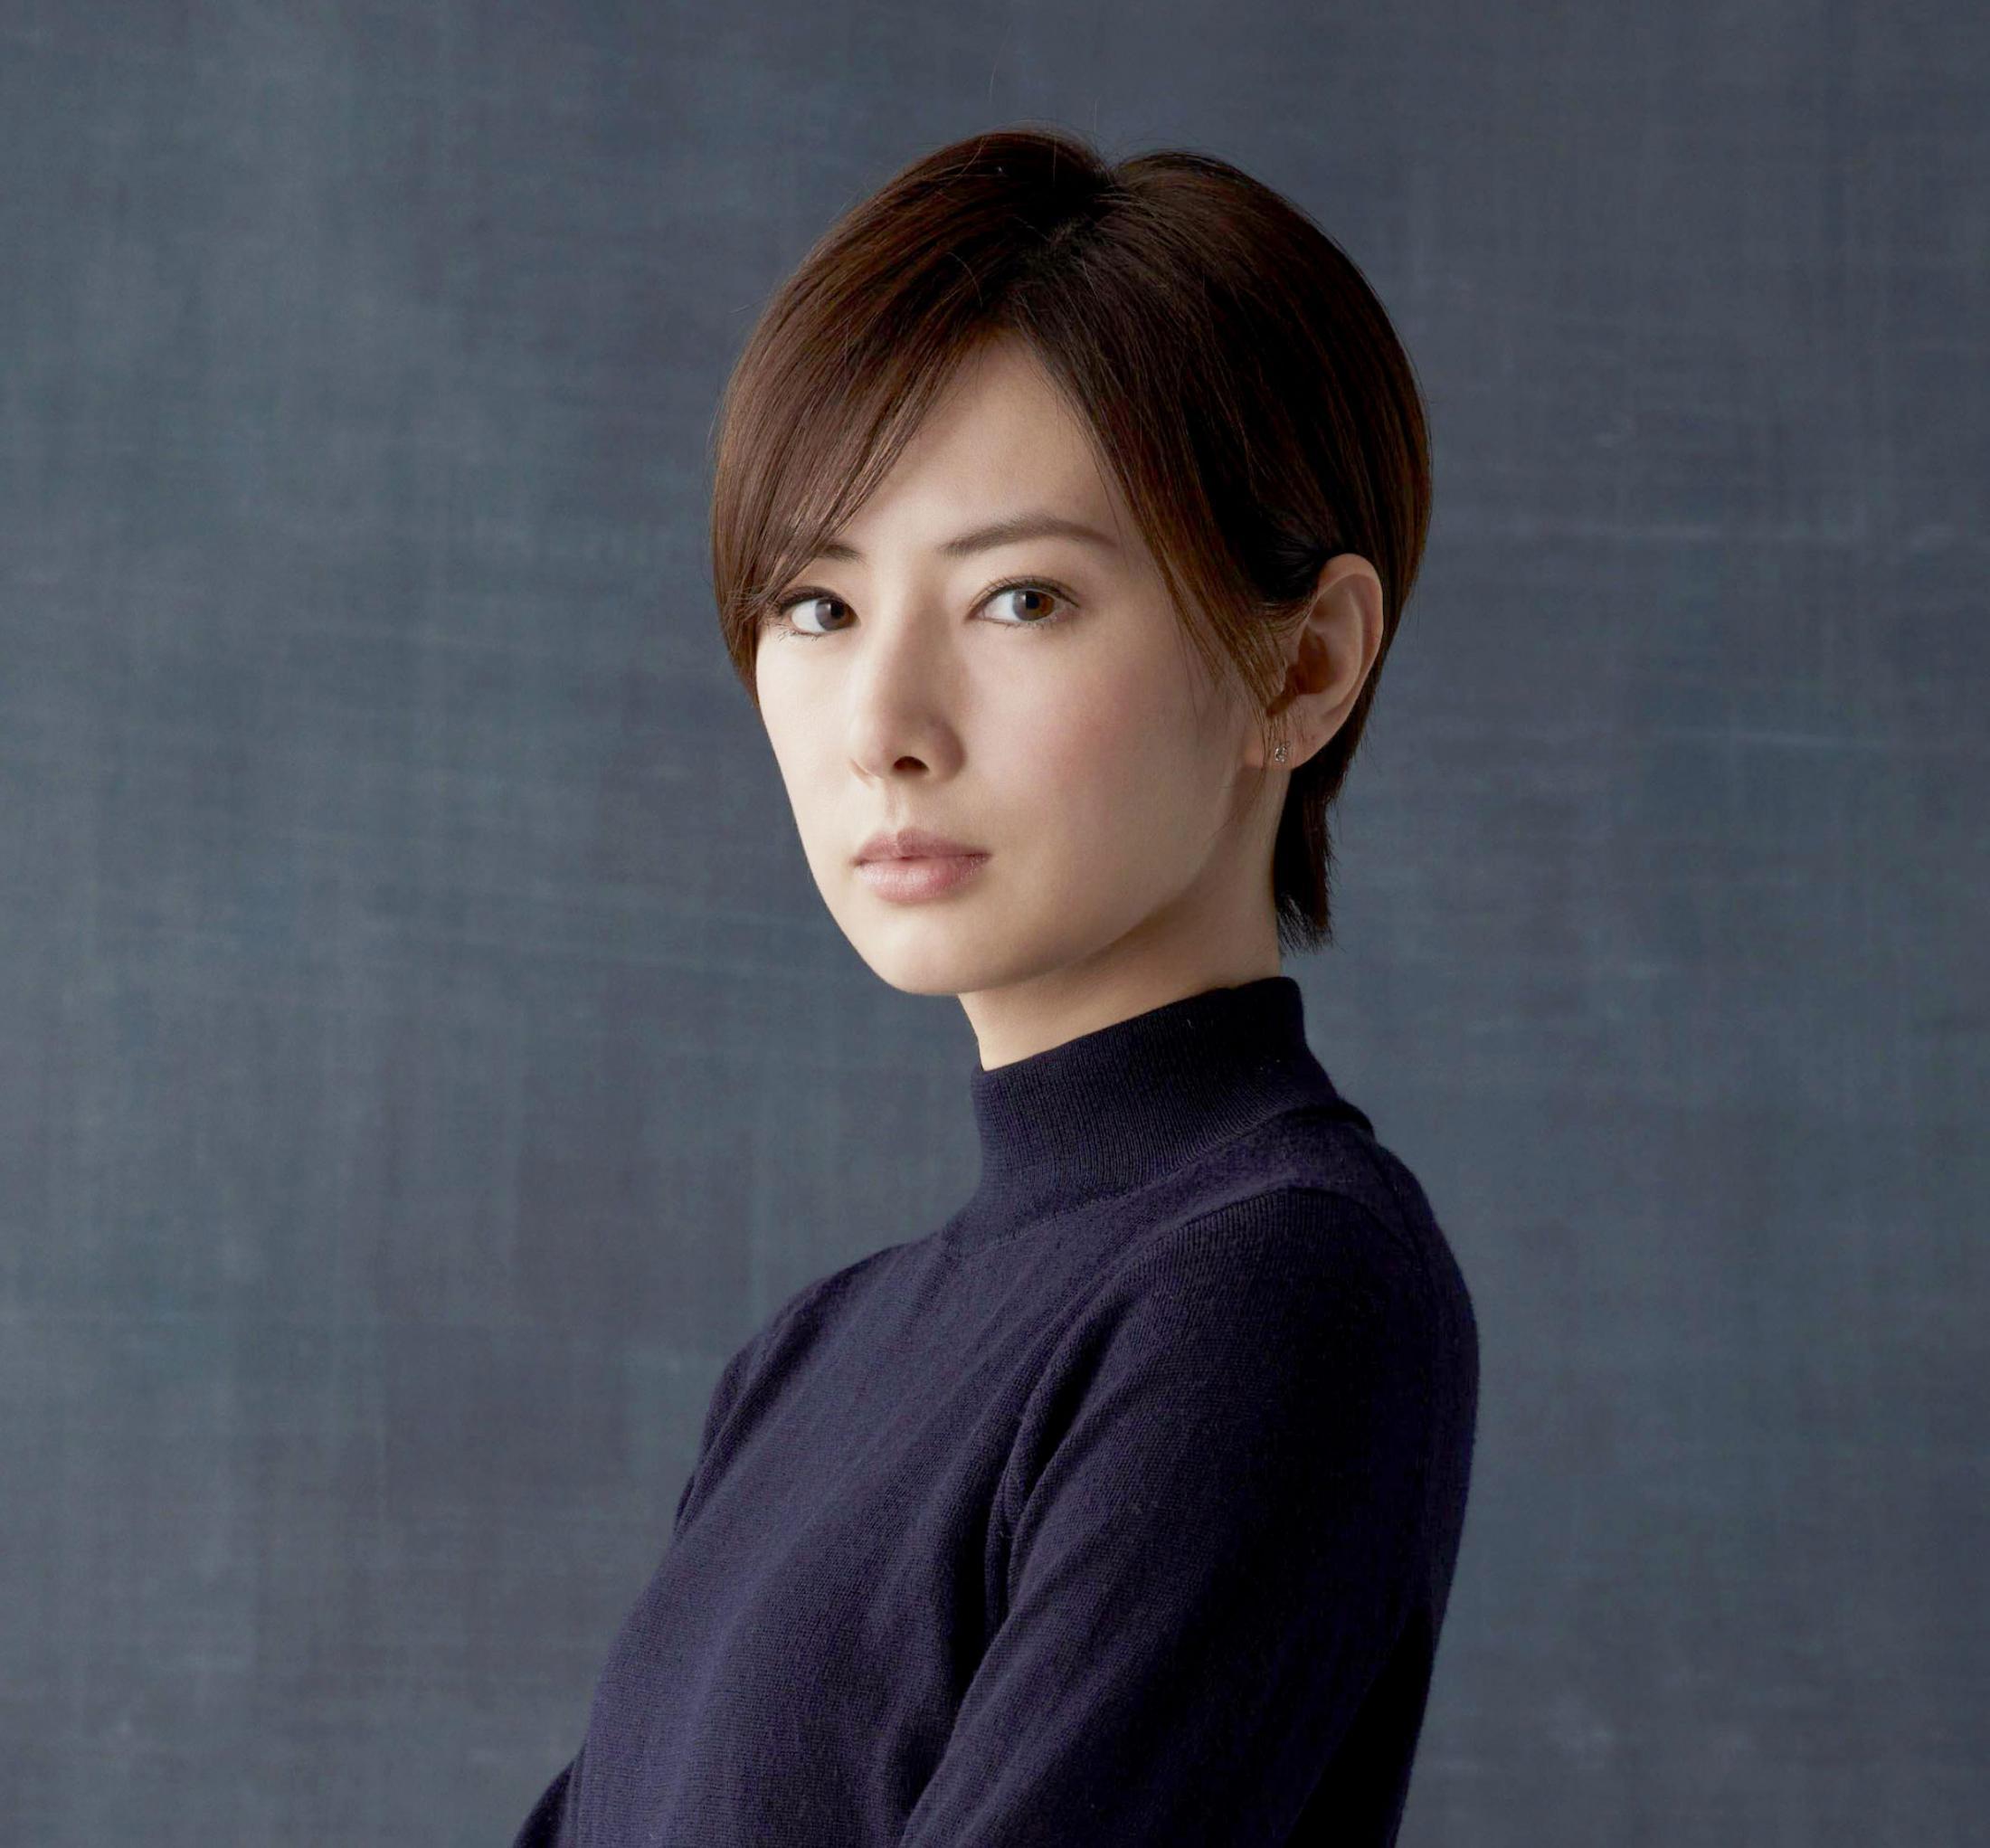 北川景子のショートヘアはヅラだったし、賛否両論!?理由やどこの